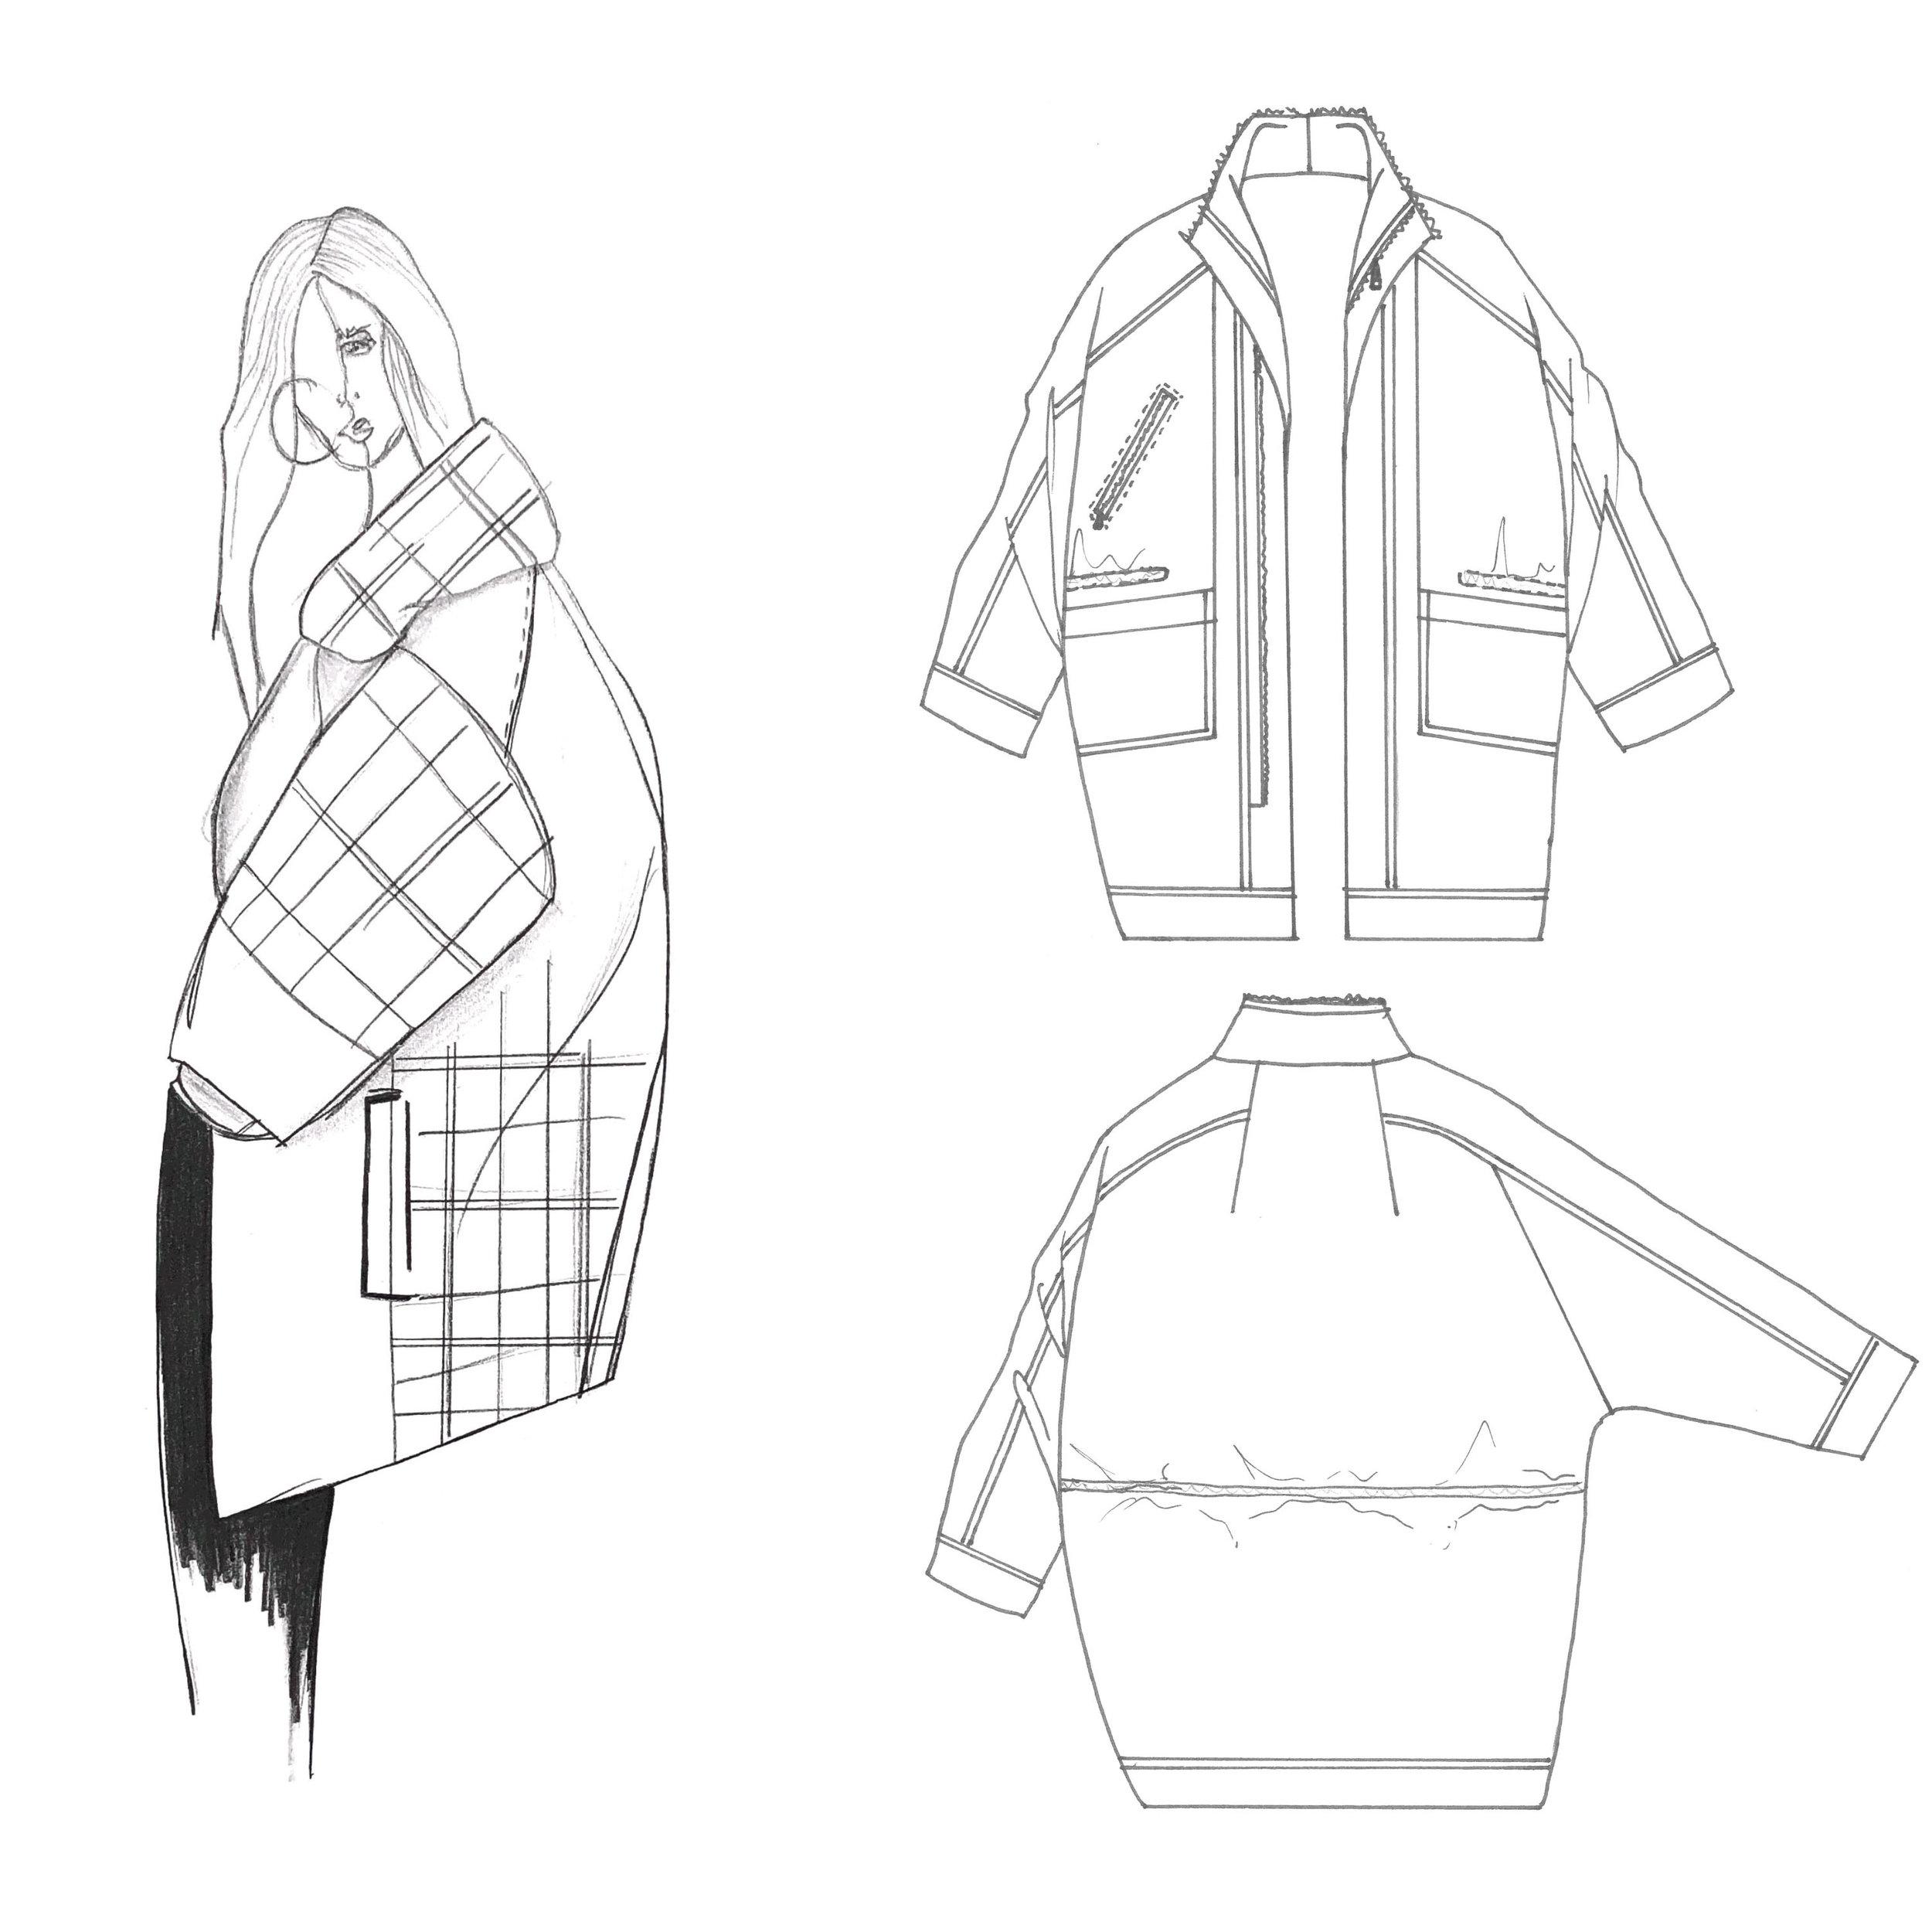 outwear 2_tradeS.jpg